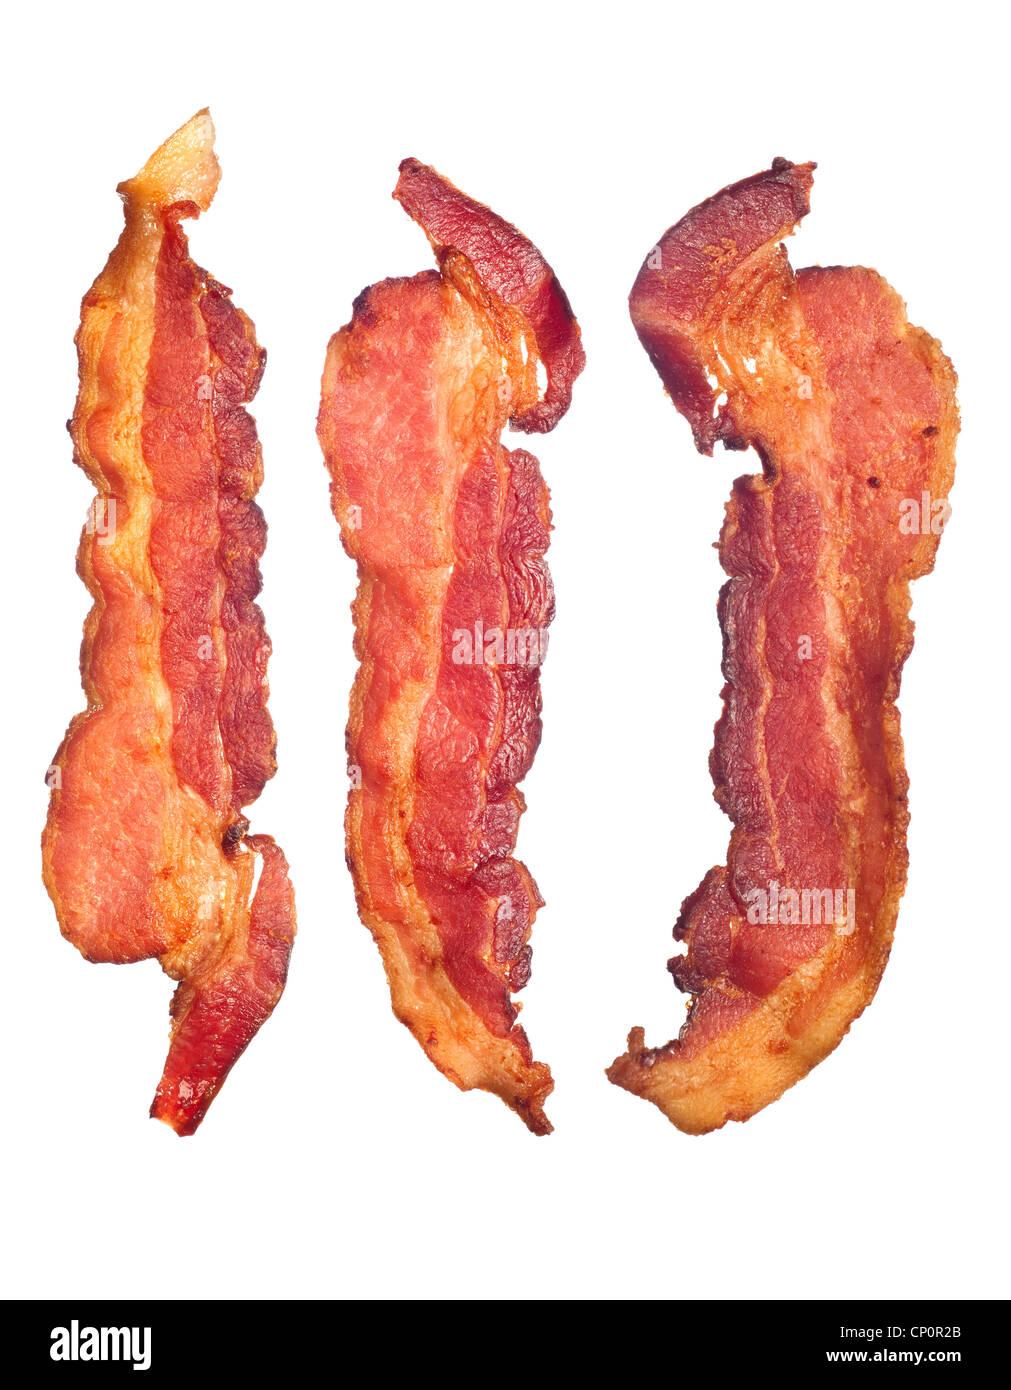 Tre cotte, croccante di pancetta fritta isolato su uno sfondo bianco. Buona per molti la salute e la cottura di Immagini Stock